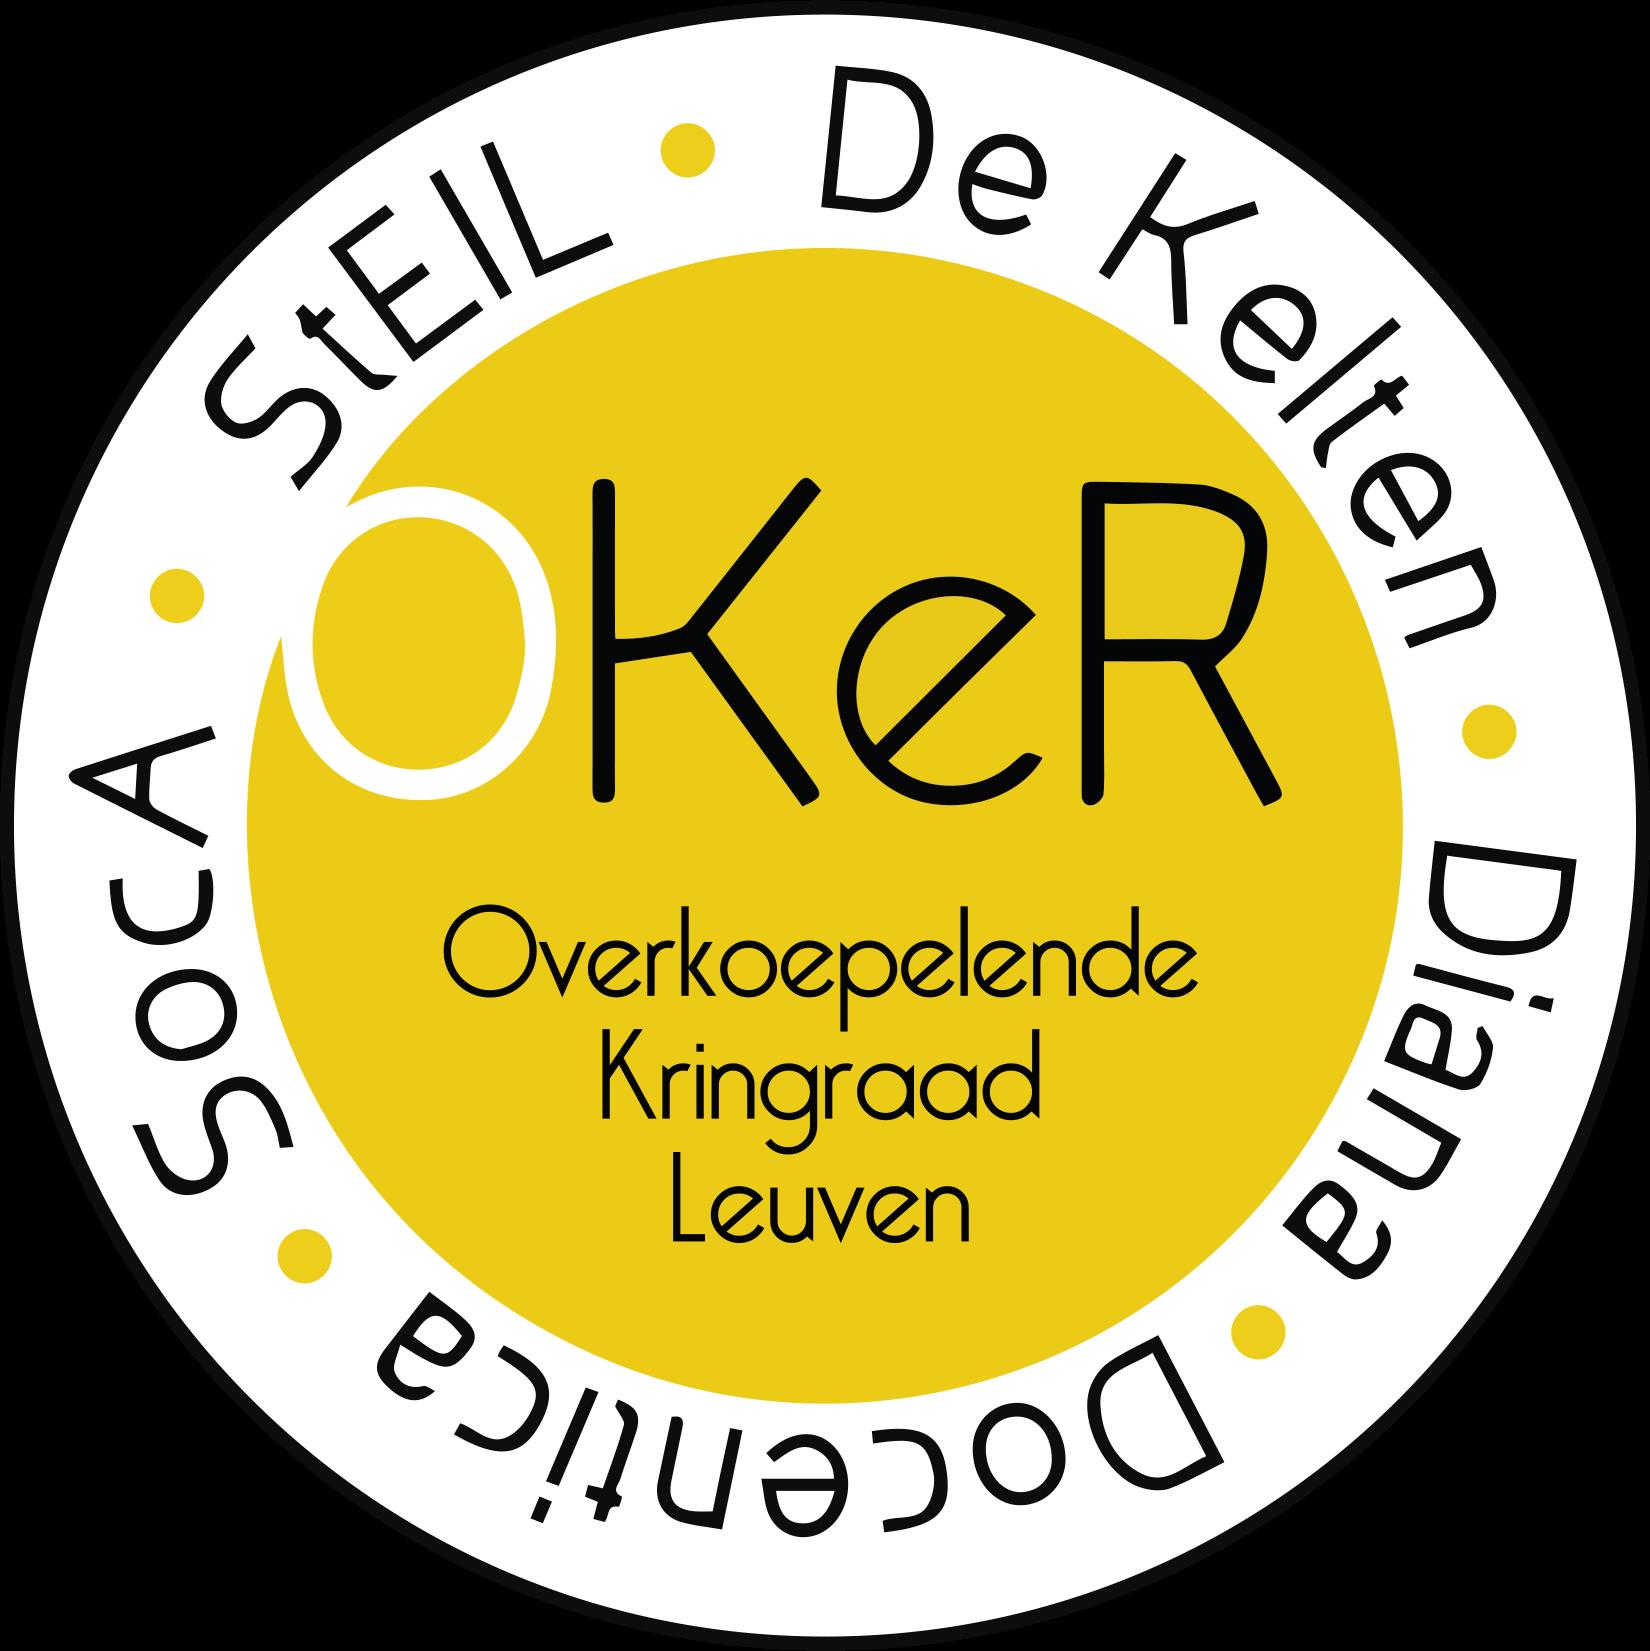 Overkoepelende Kringraad Leuven